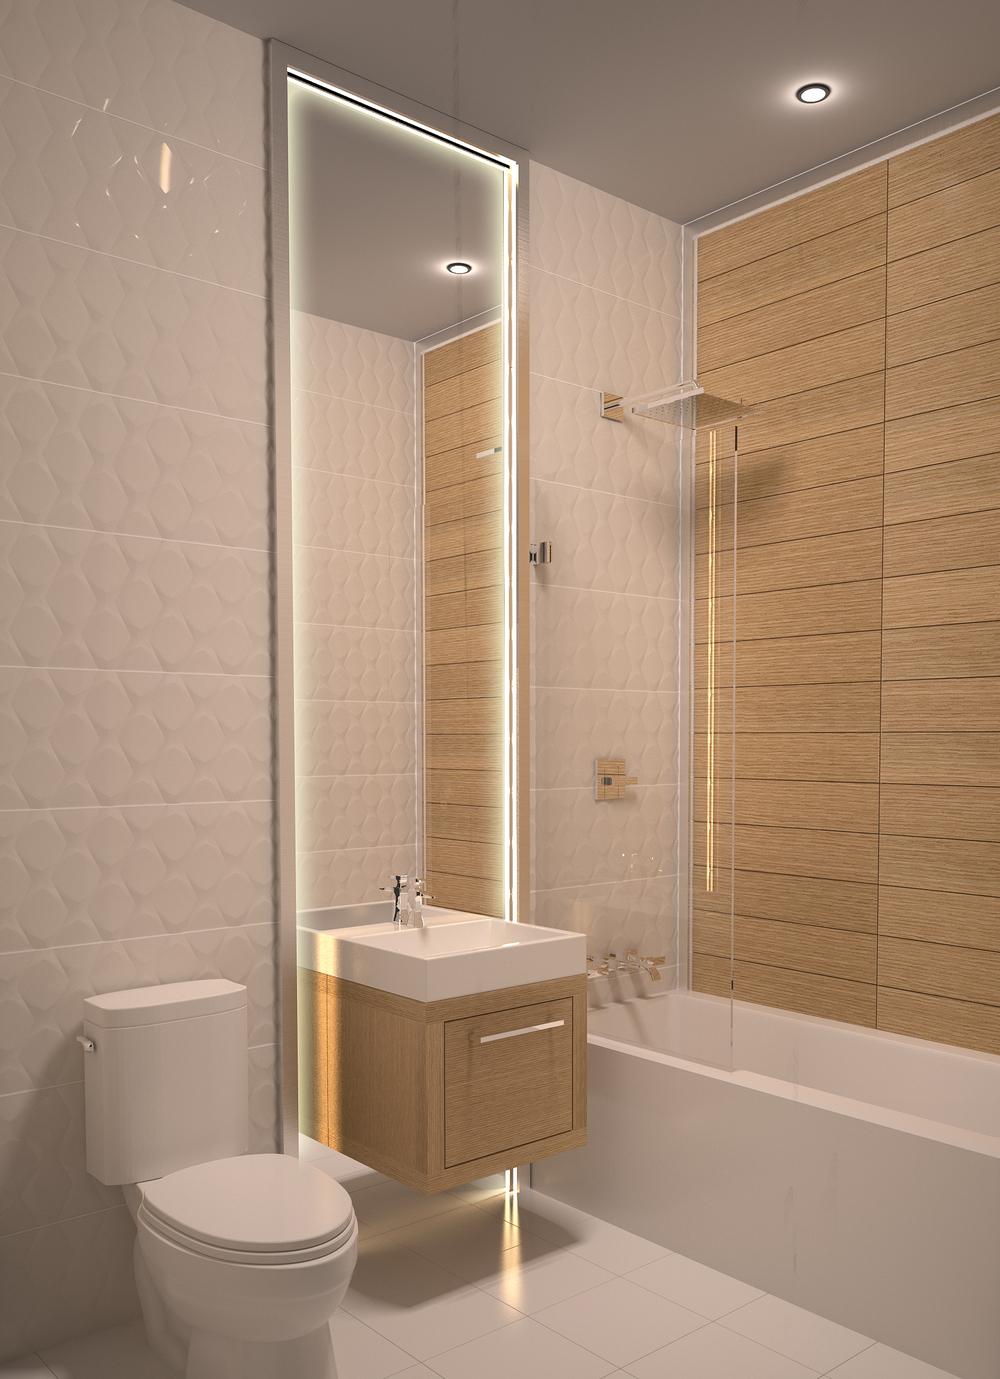 123 Bath_scene_1.jpg